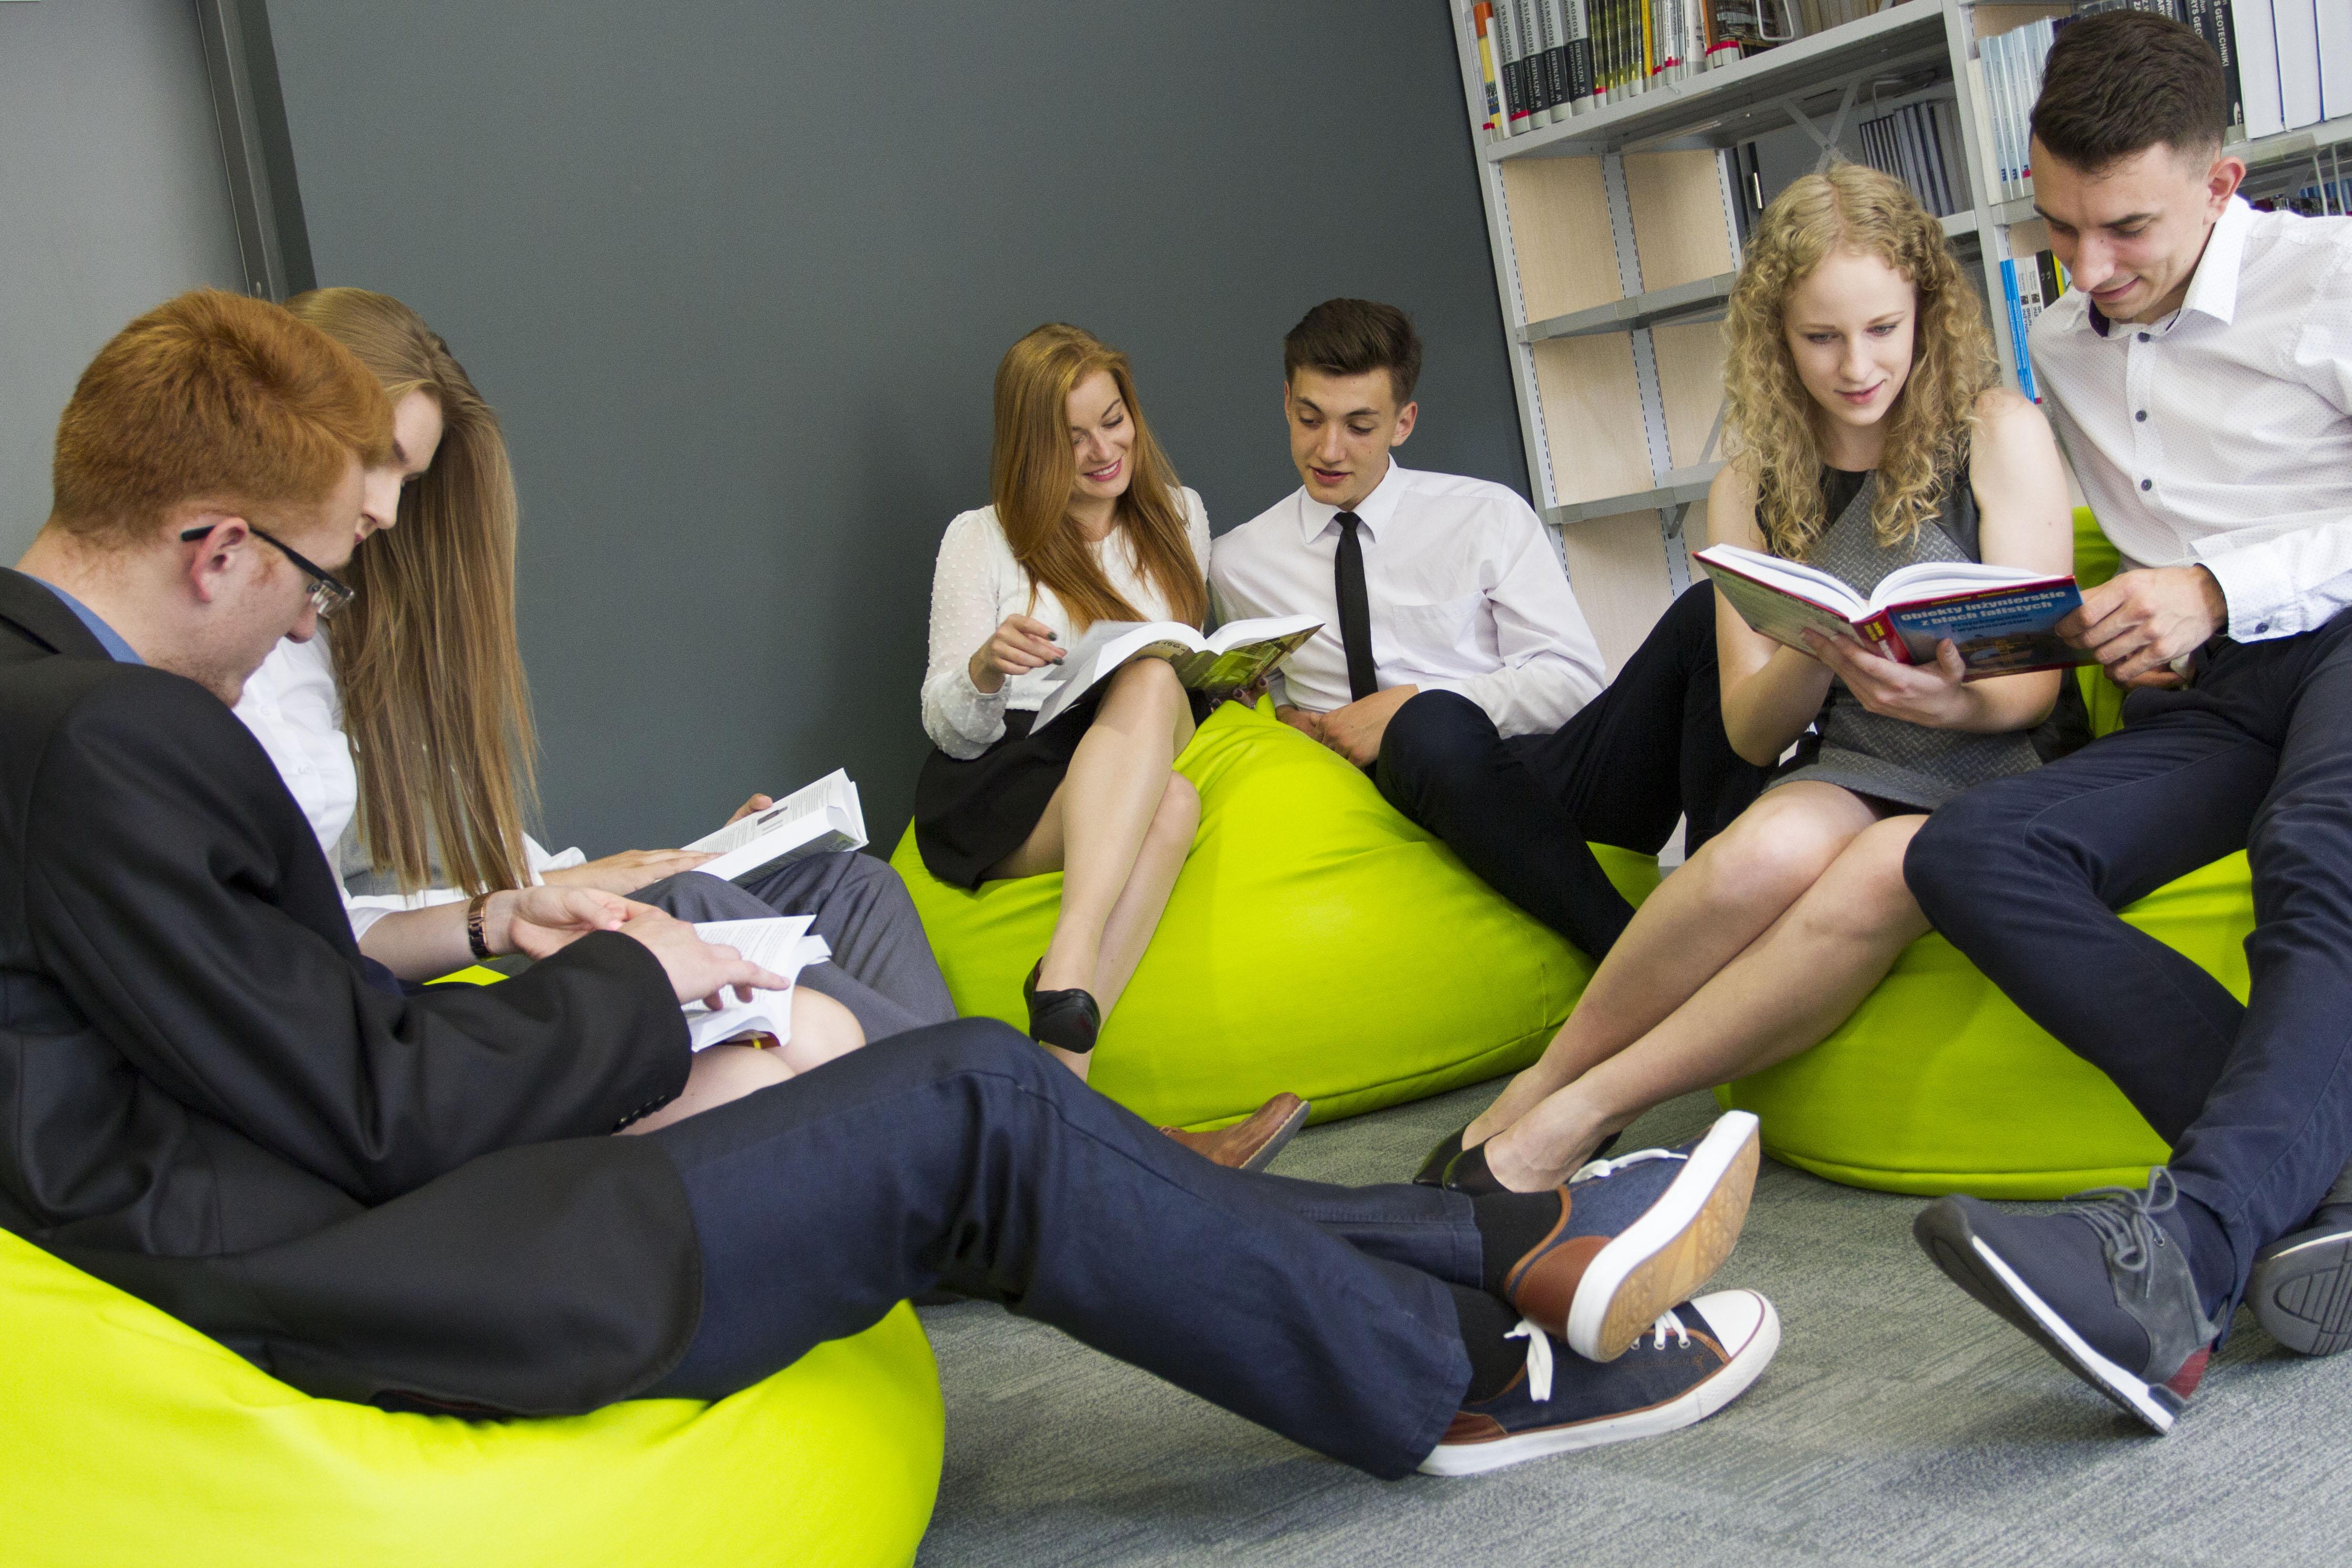 grupa studentów w Bibliotece PB